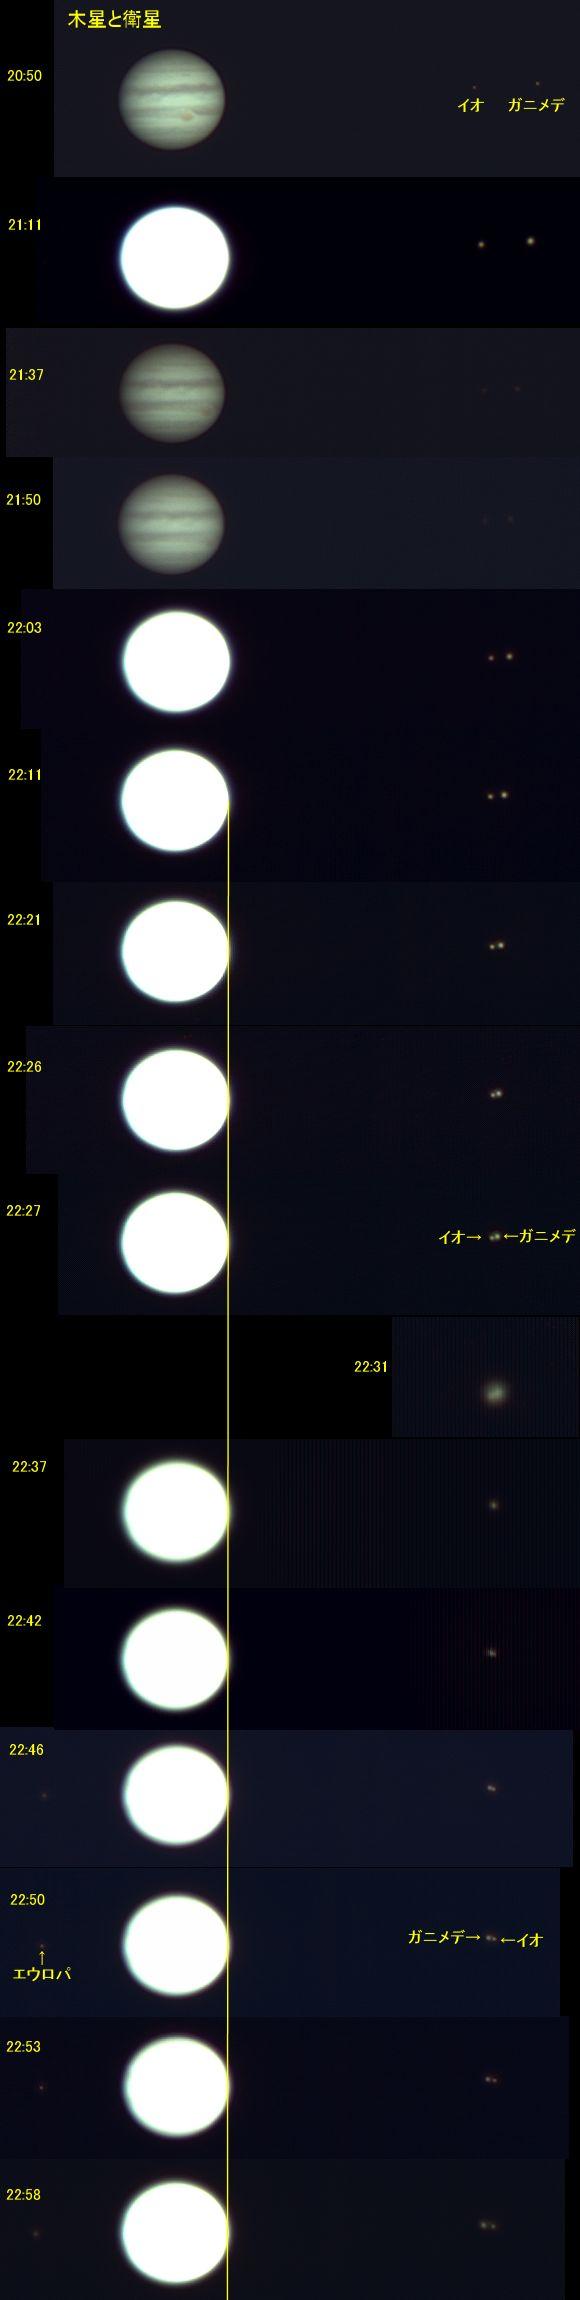 木星_衛星_20150327_video2050_2258